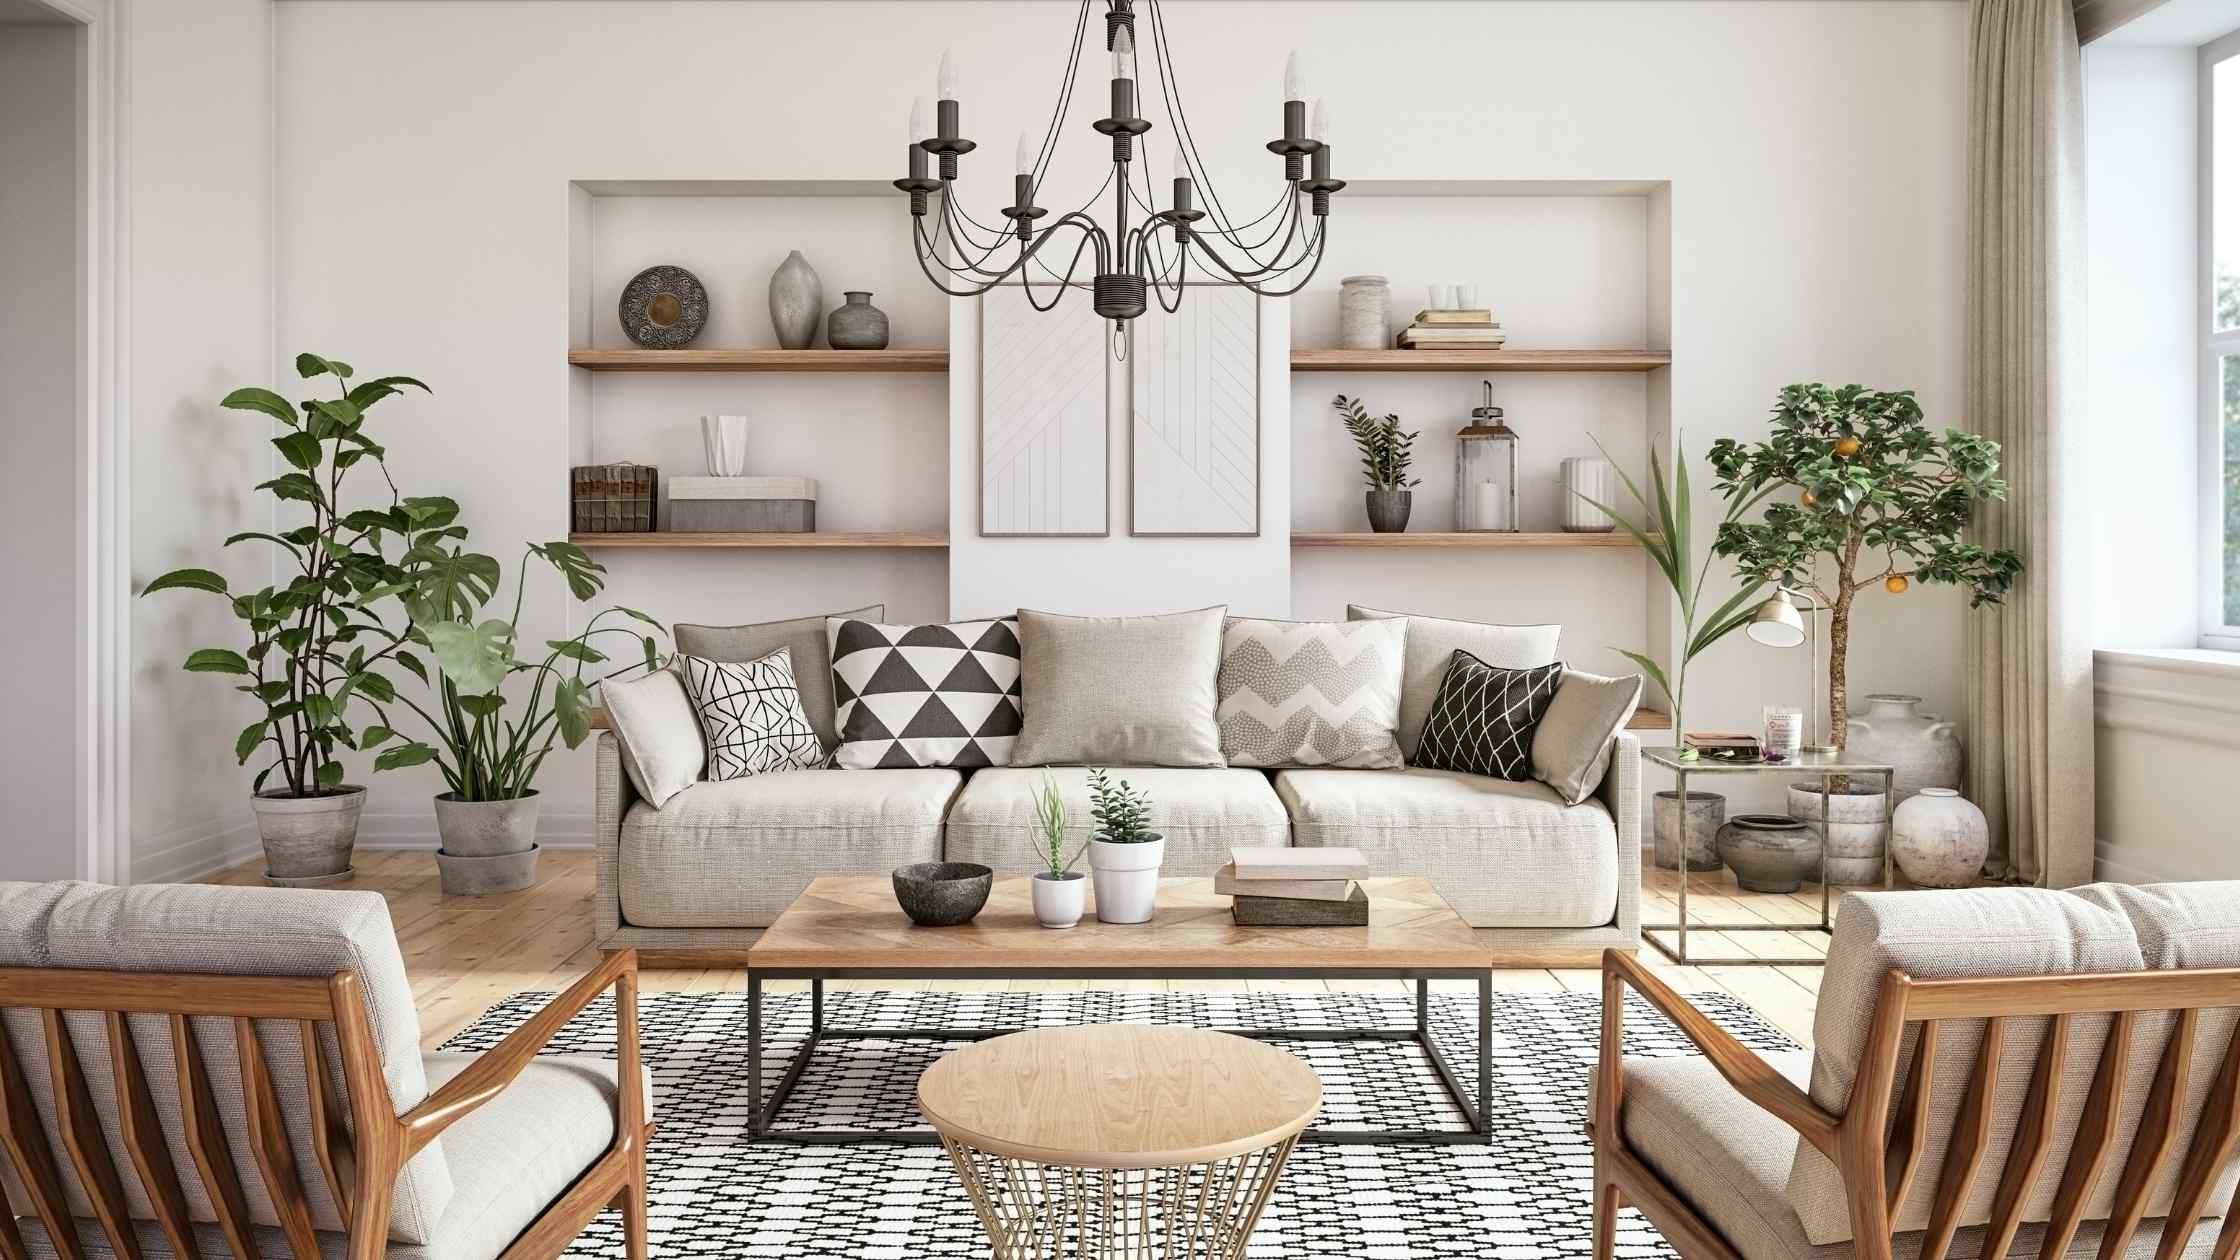 Obývací část v pastelových barvách s novým i starým nábytkem